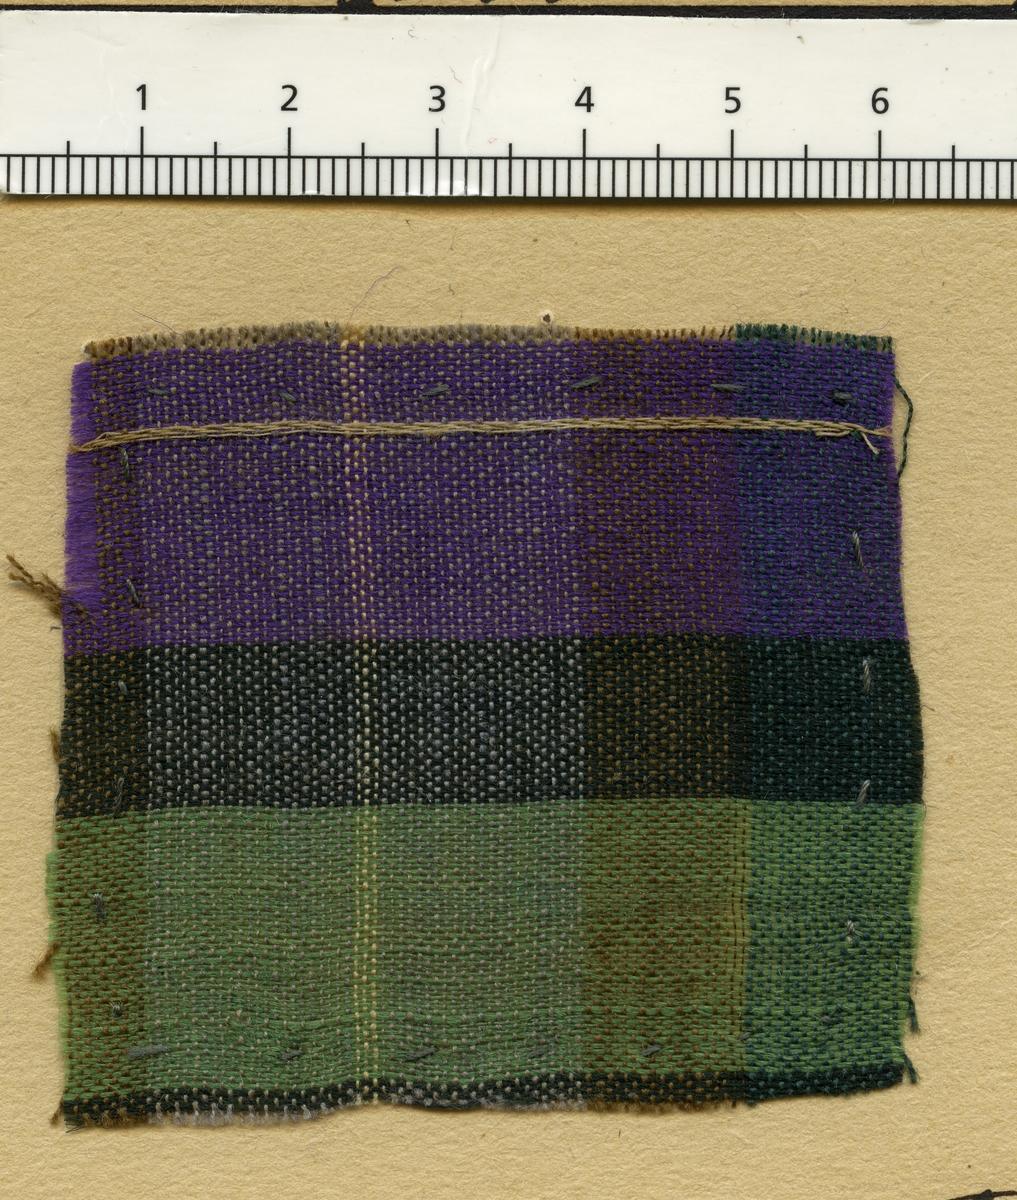 Anmärkningar: Vävprov av halvylle i tuskaft, rutigt. Bomullsvarpen är randad i beige, vitt, rostbrunt och blått. Inslaget av ull är randat i grönt, svart, lila och beige.